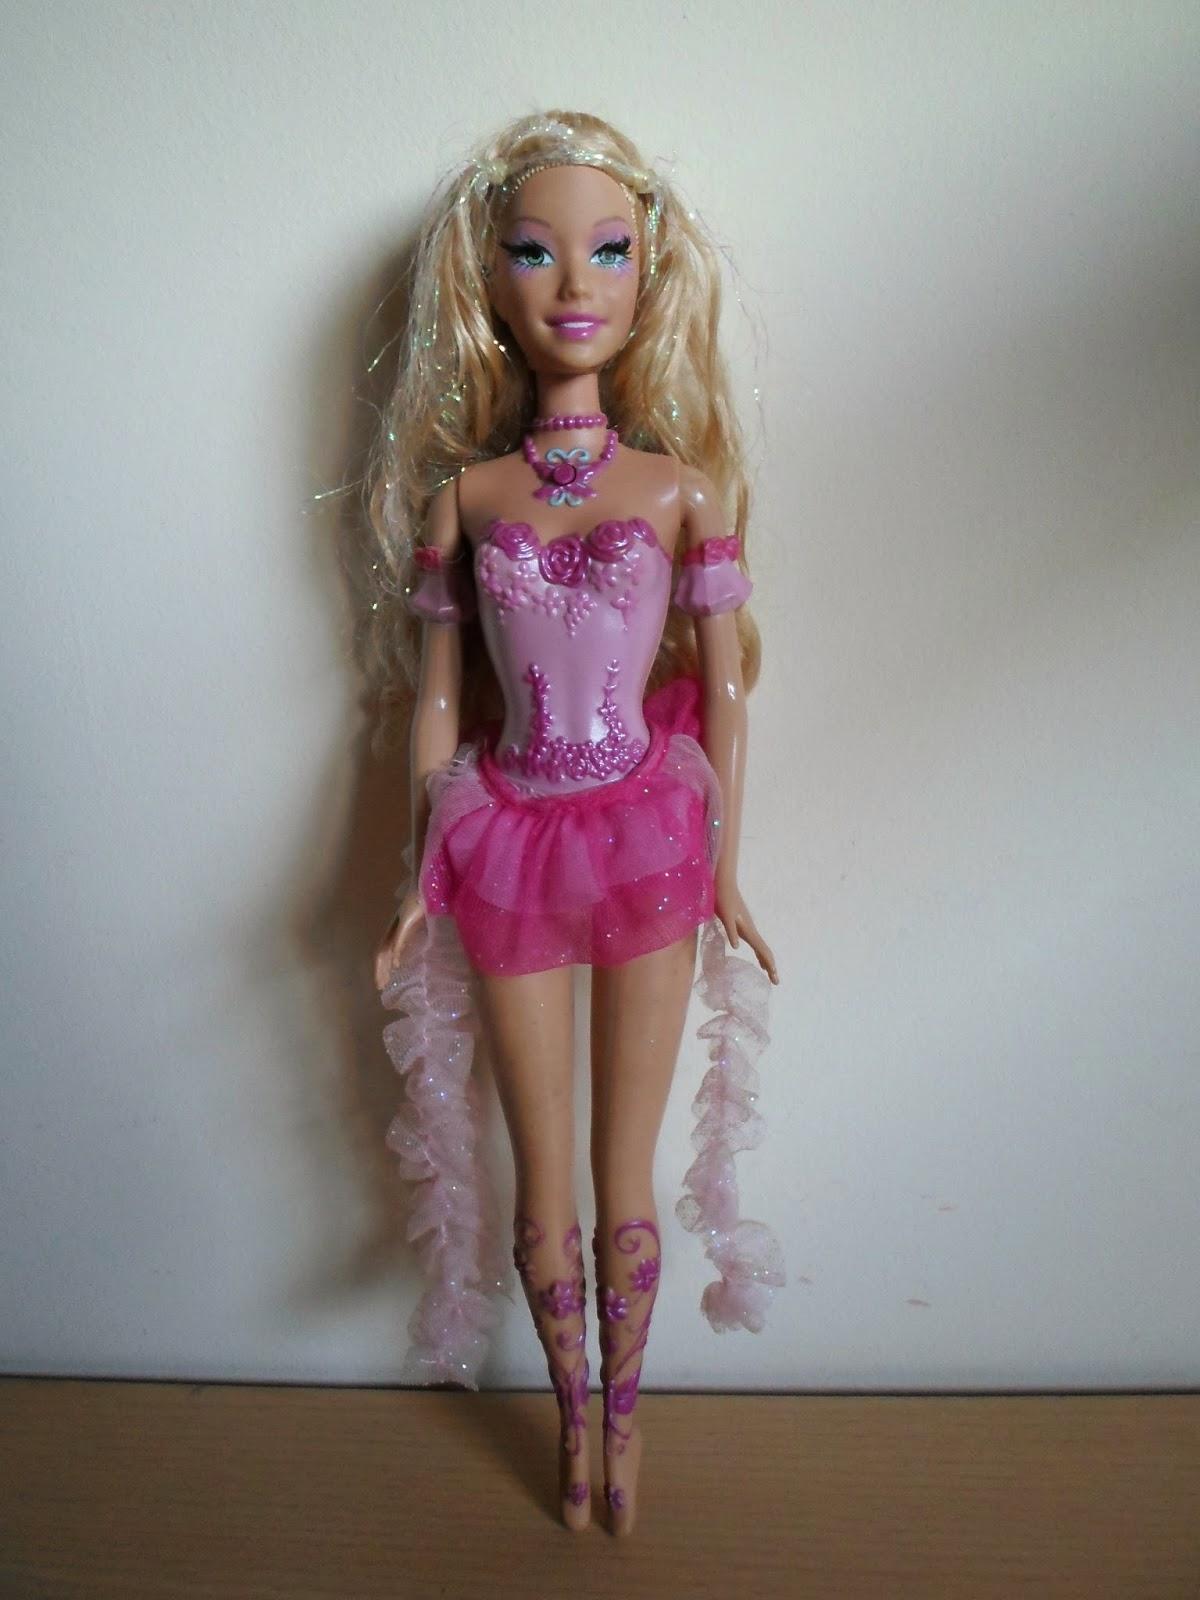 El rincón de mis muñecas: Barbie Elina de la película:Barbie Mermaidia